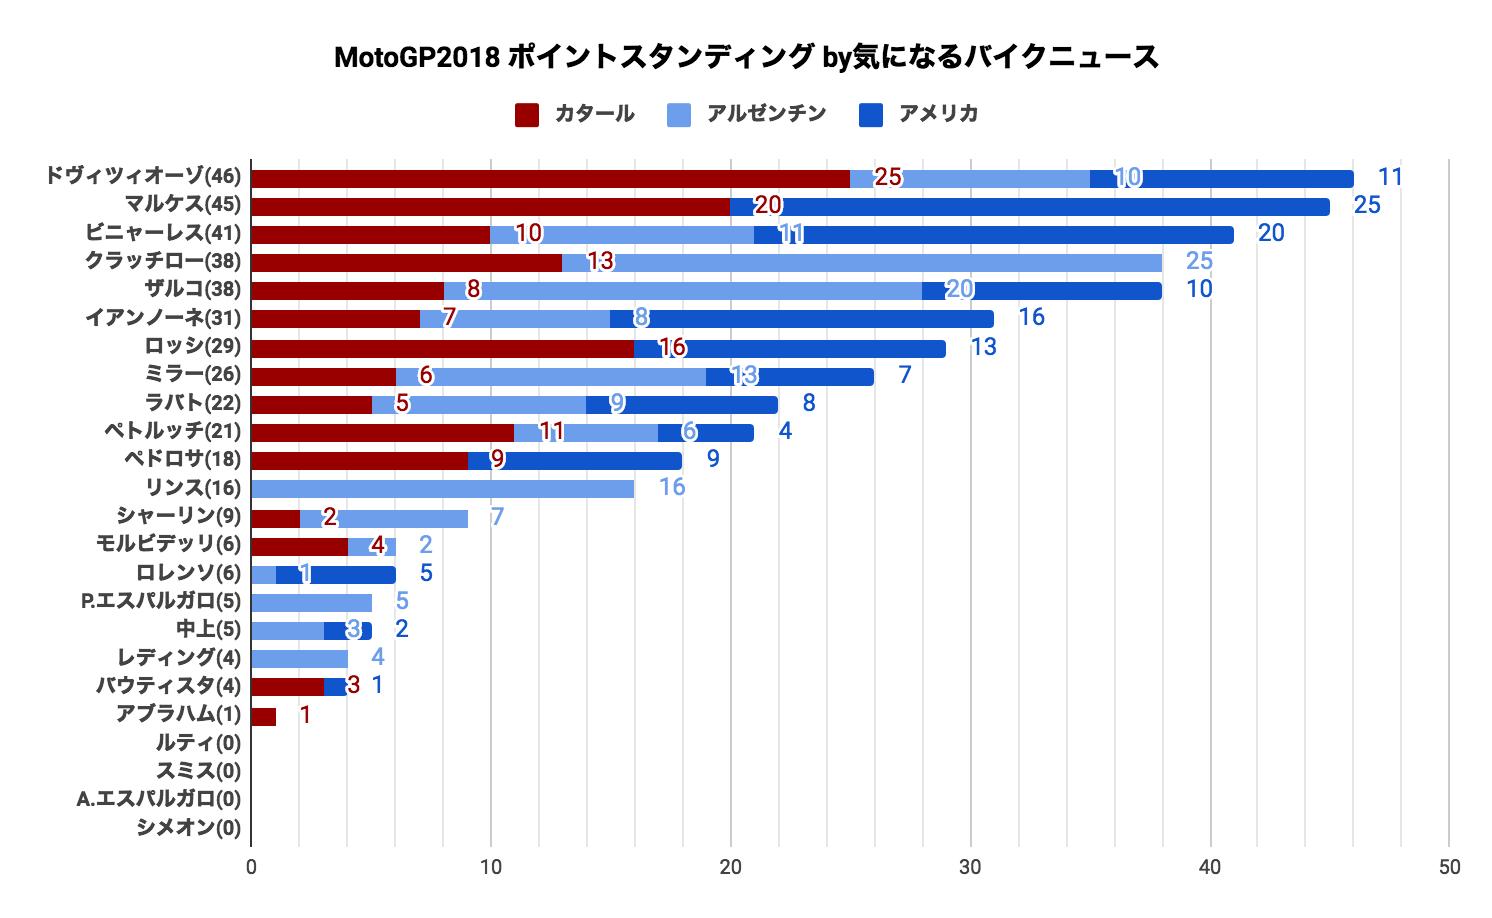 ★MotoGP2018 ポイントスタンディング(2018/04/27時点)